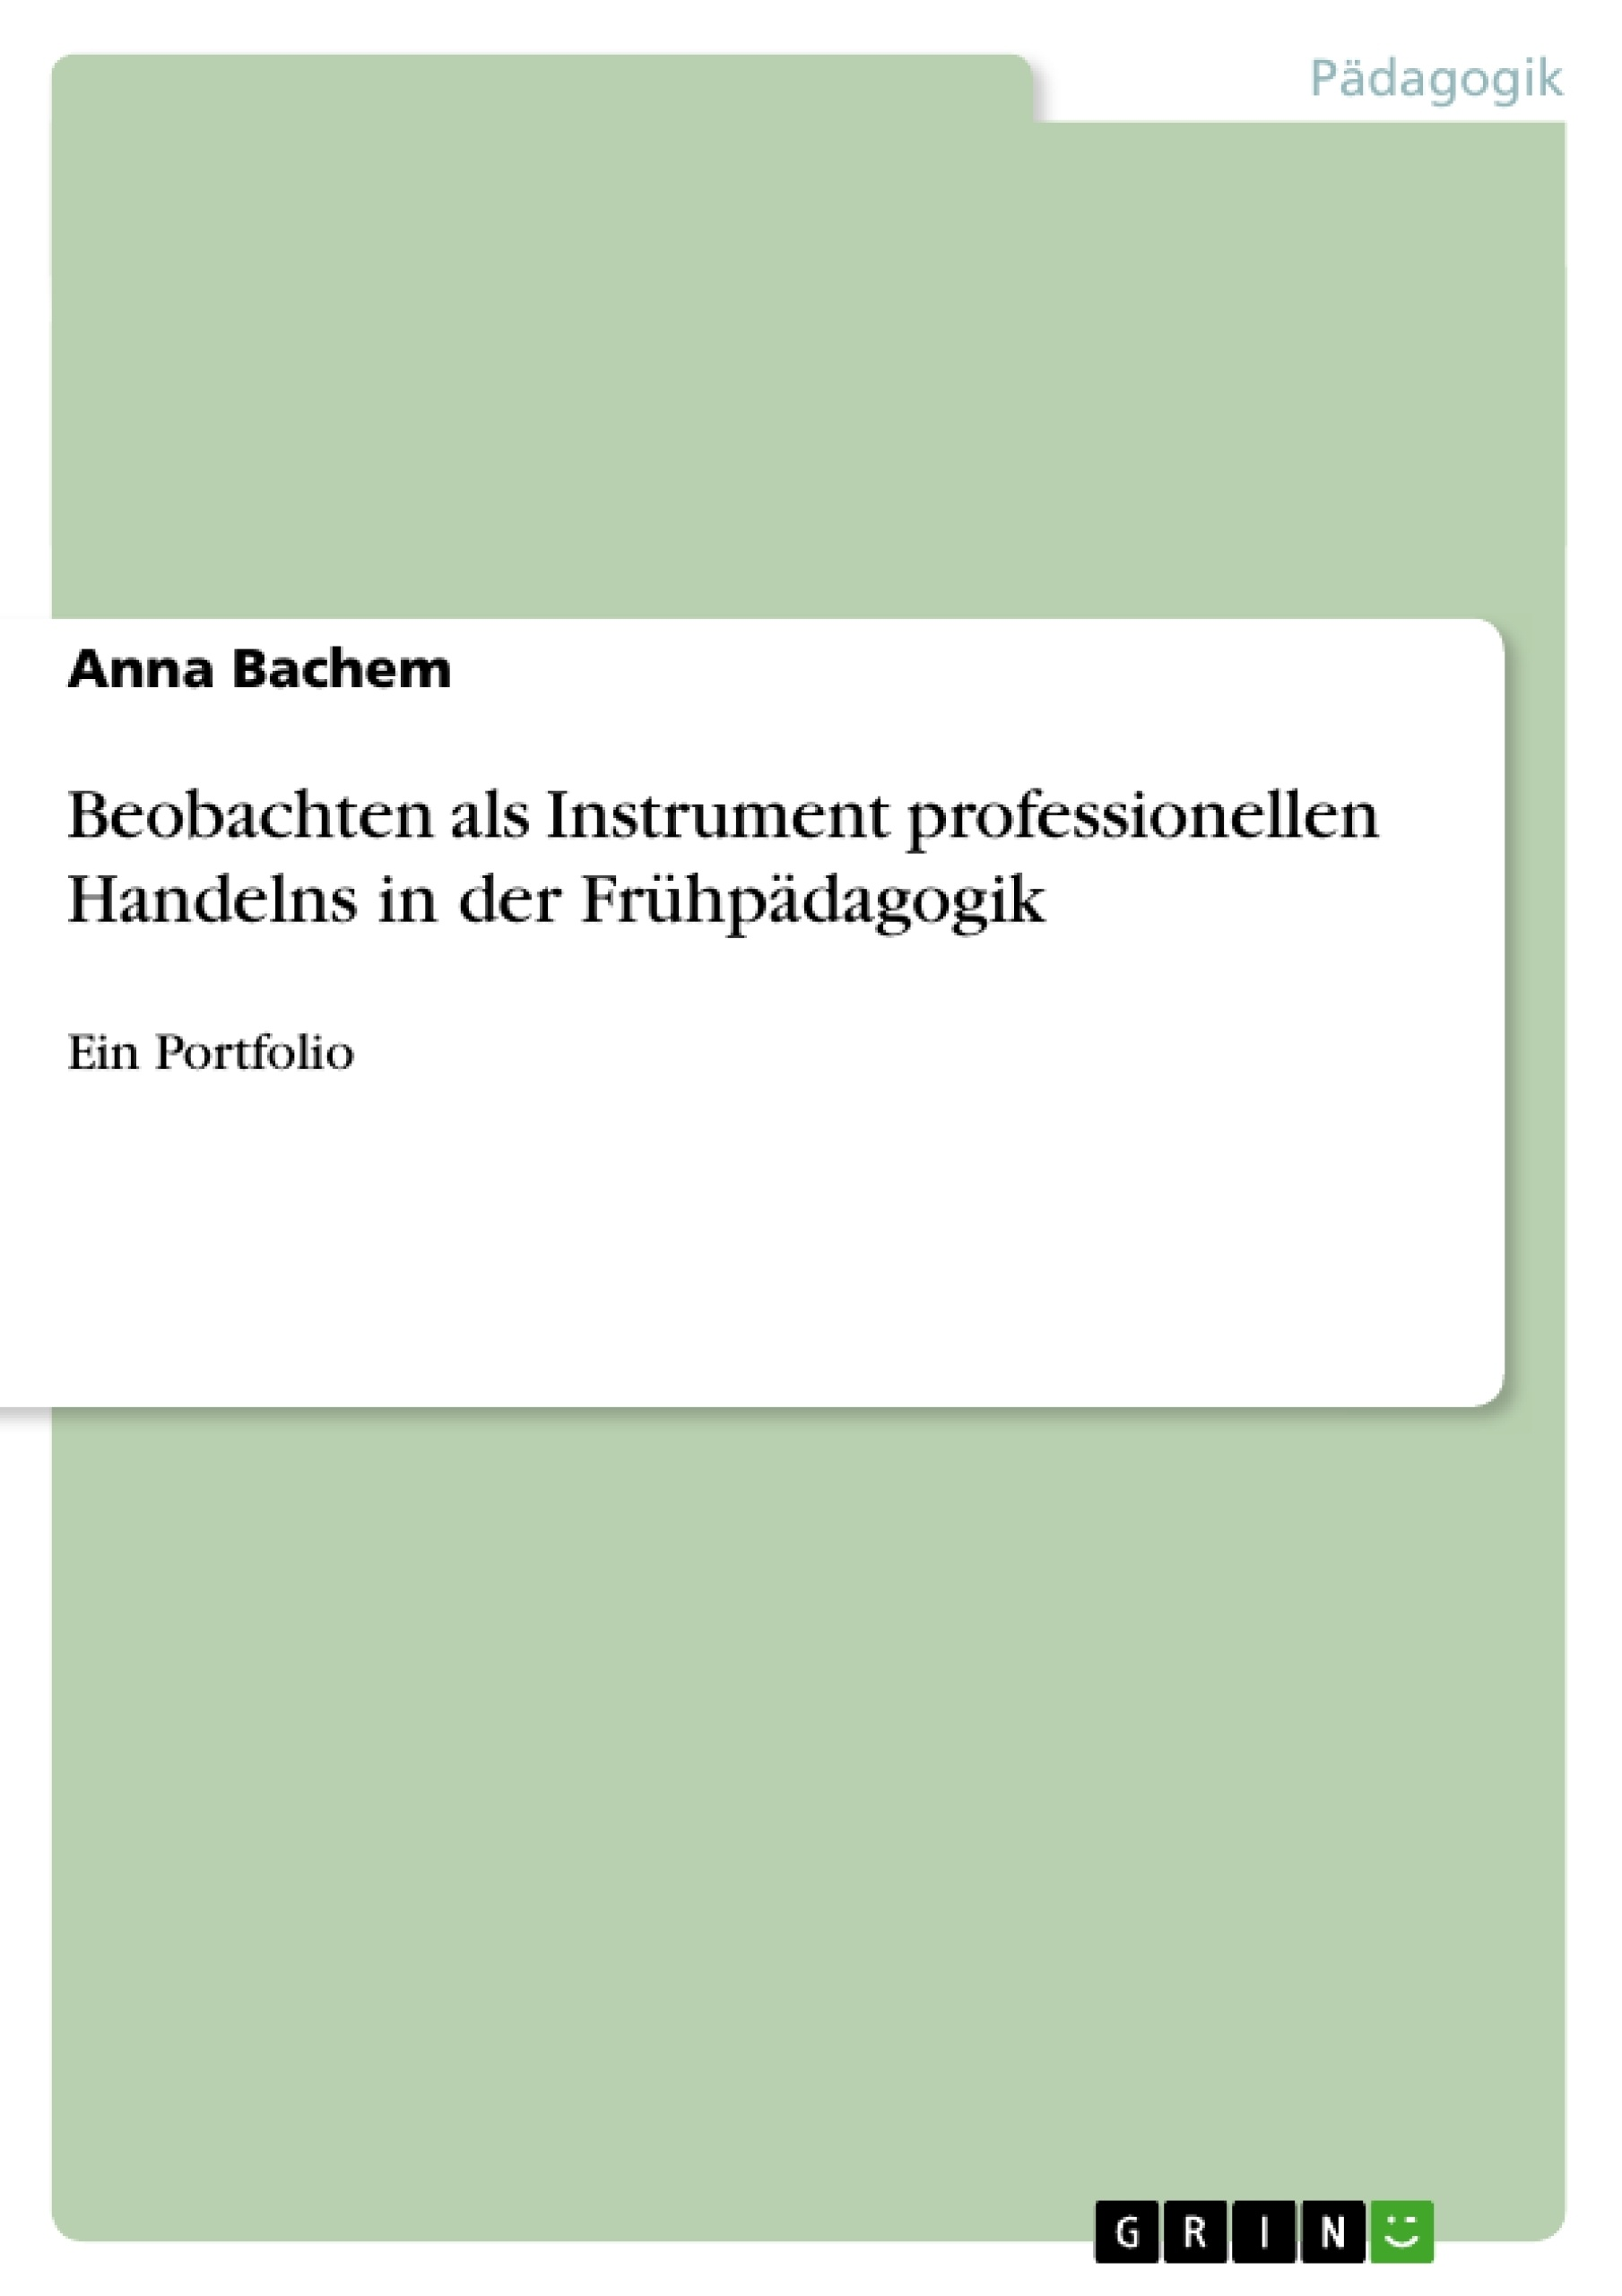 Titel: Beobachten als Instrument professionellen Handelns in der Frühpädagogik